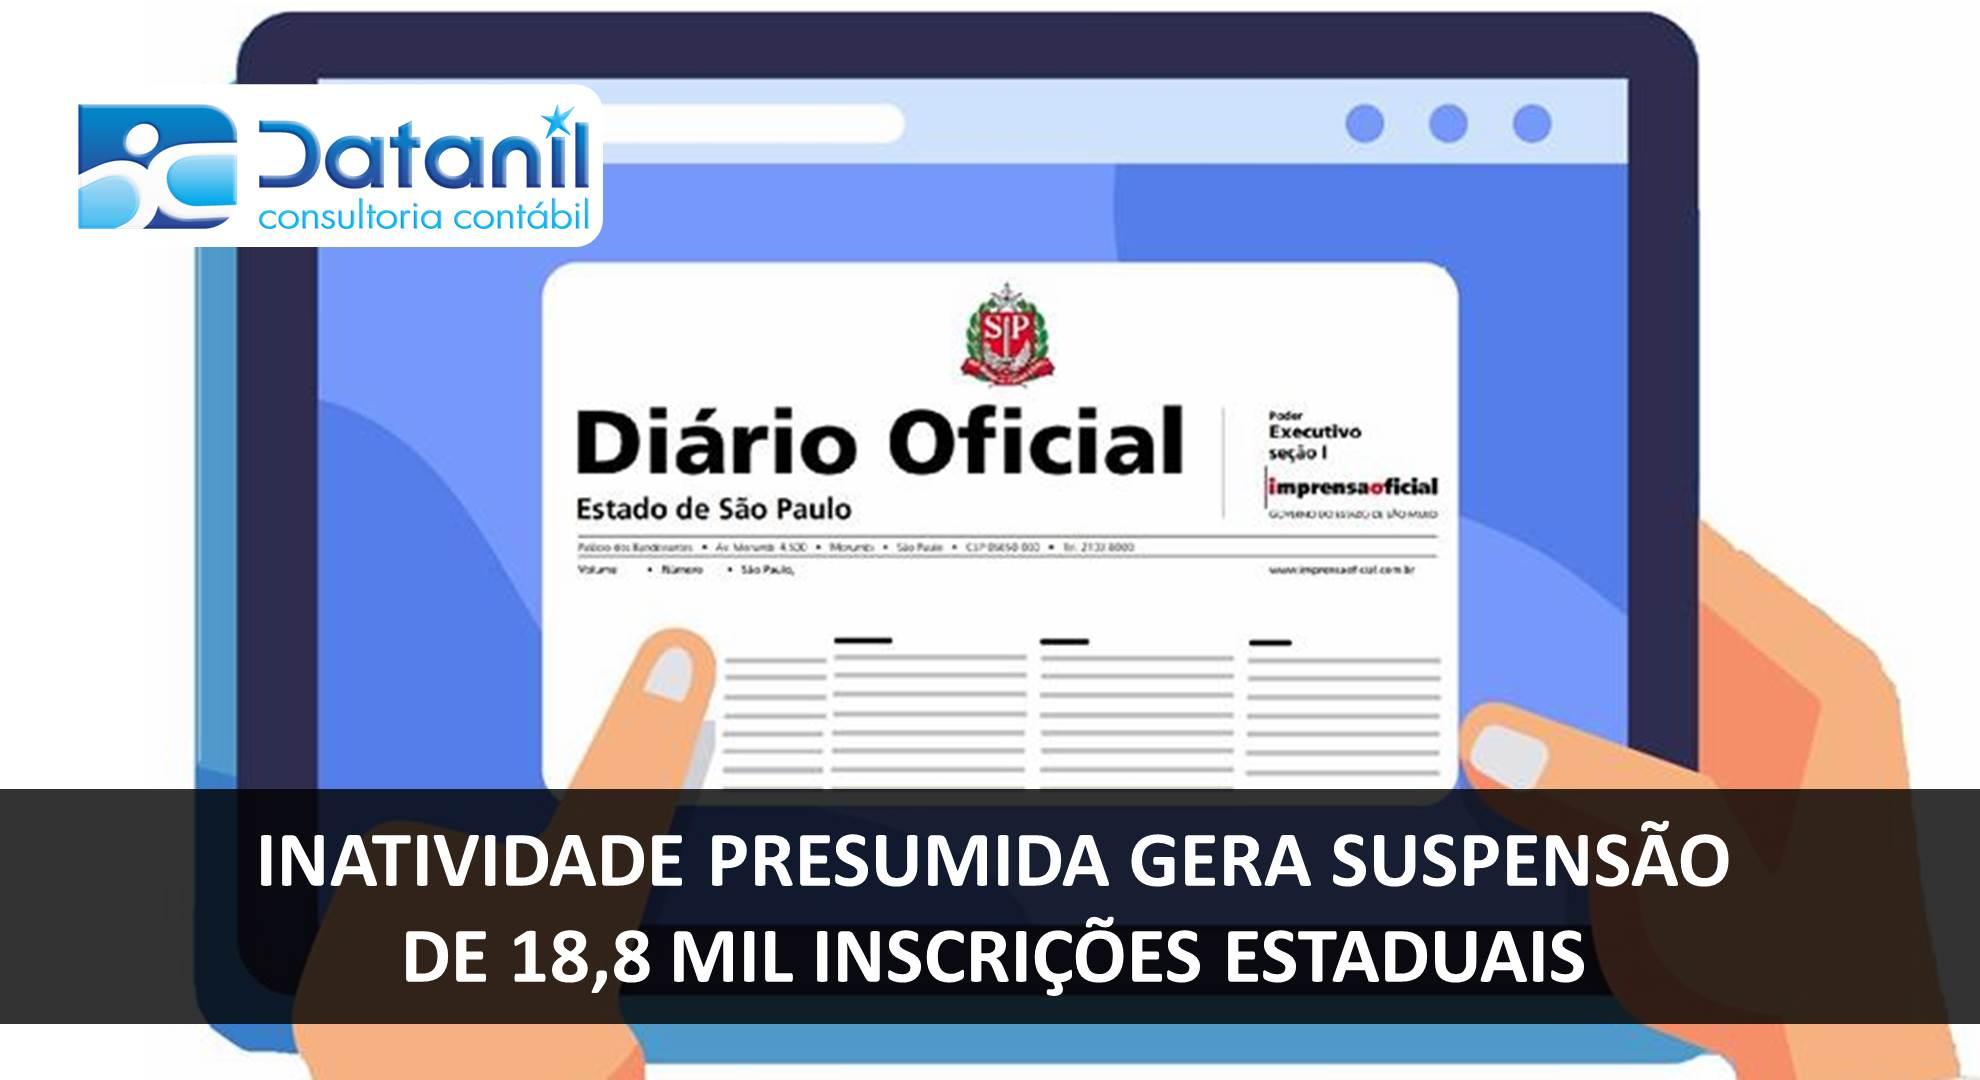 Inatividade Presumida Gera Suspensão De 18,8 Mil Inscrições Estaduais